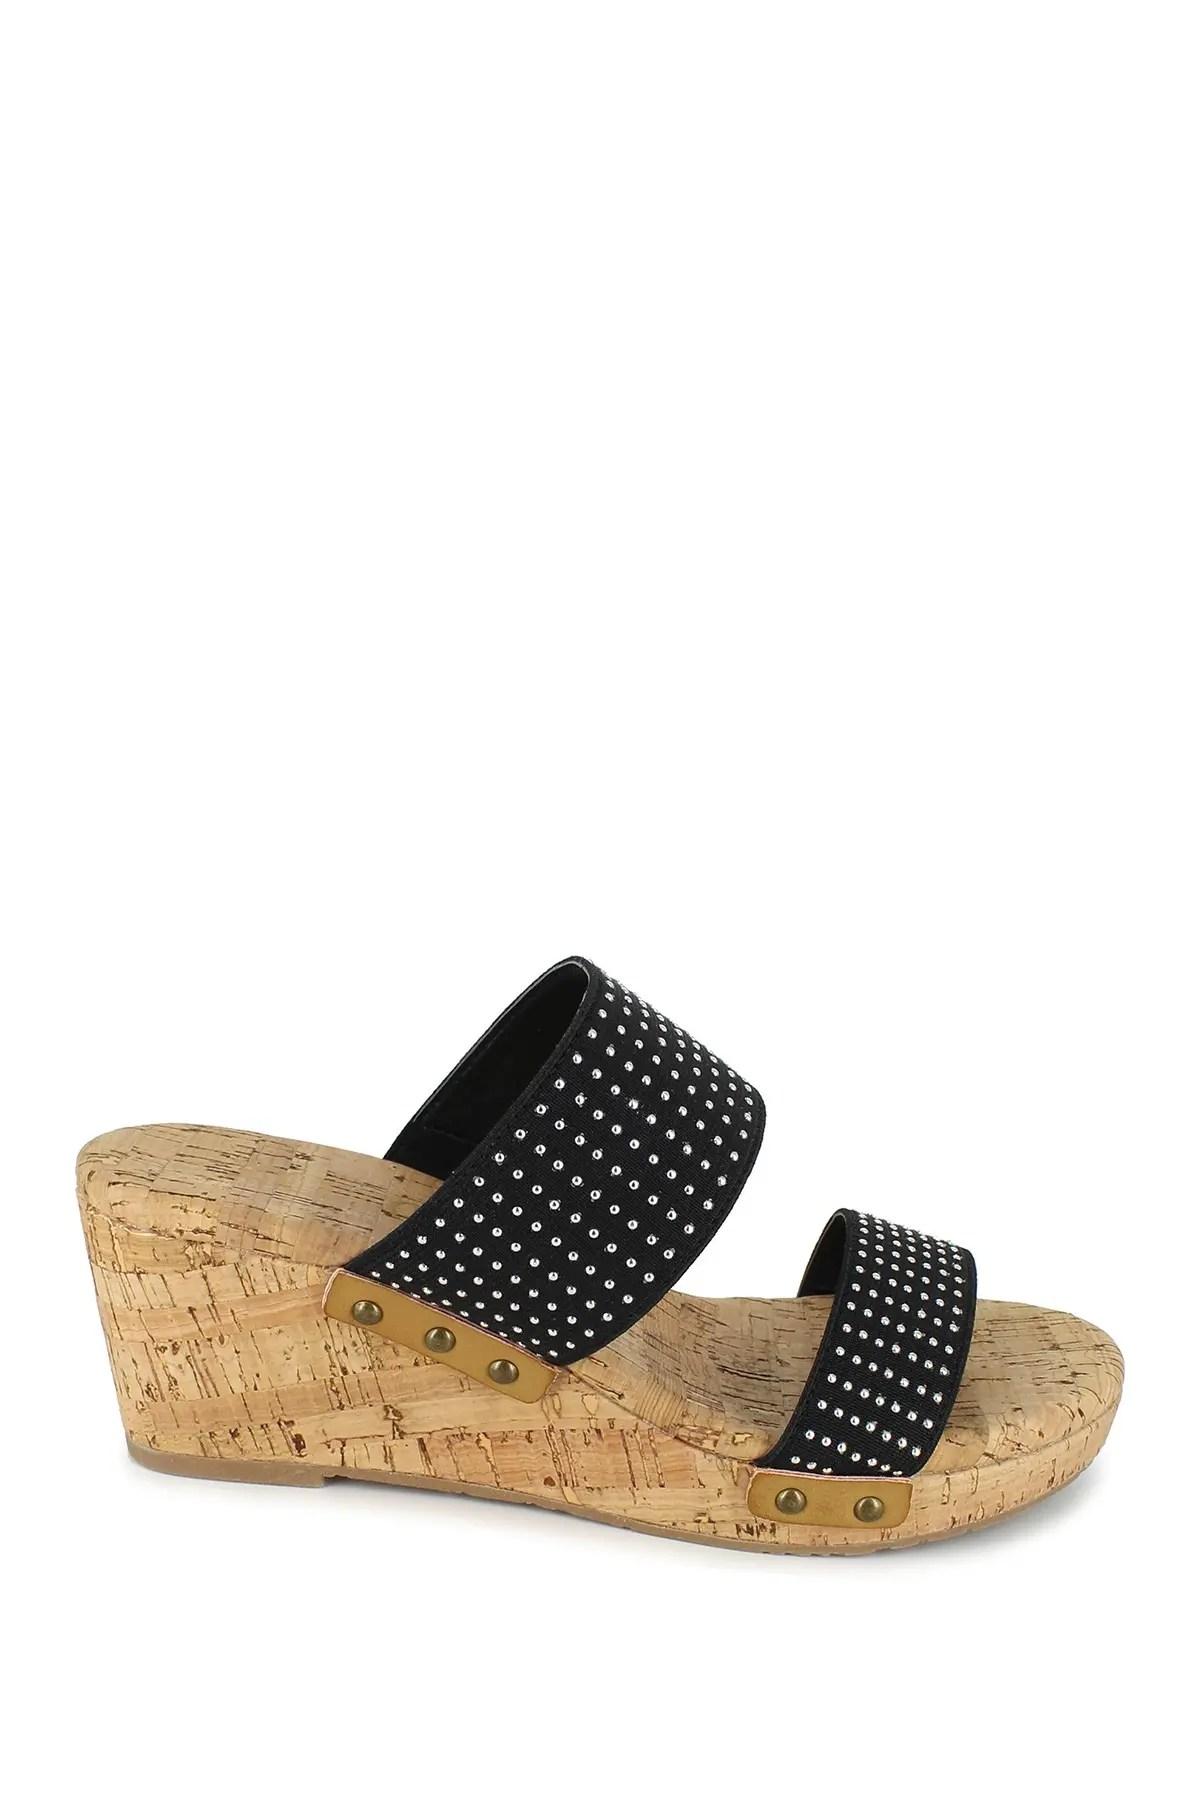 women s sandals nordstrom rack